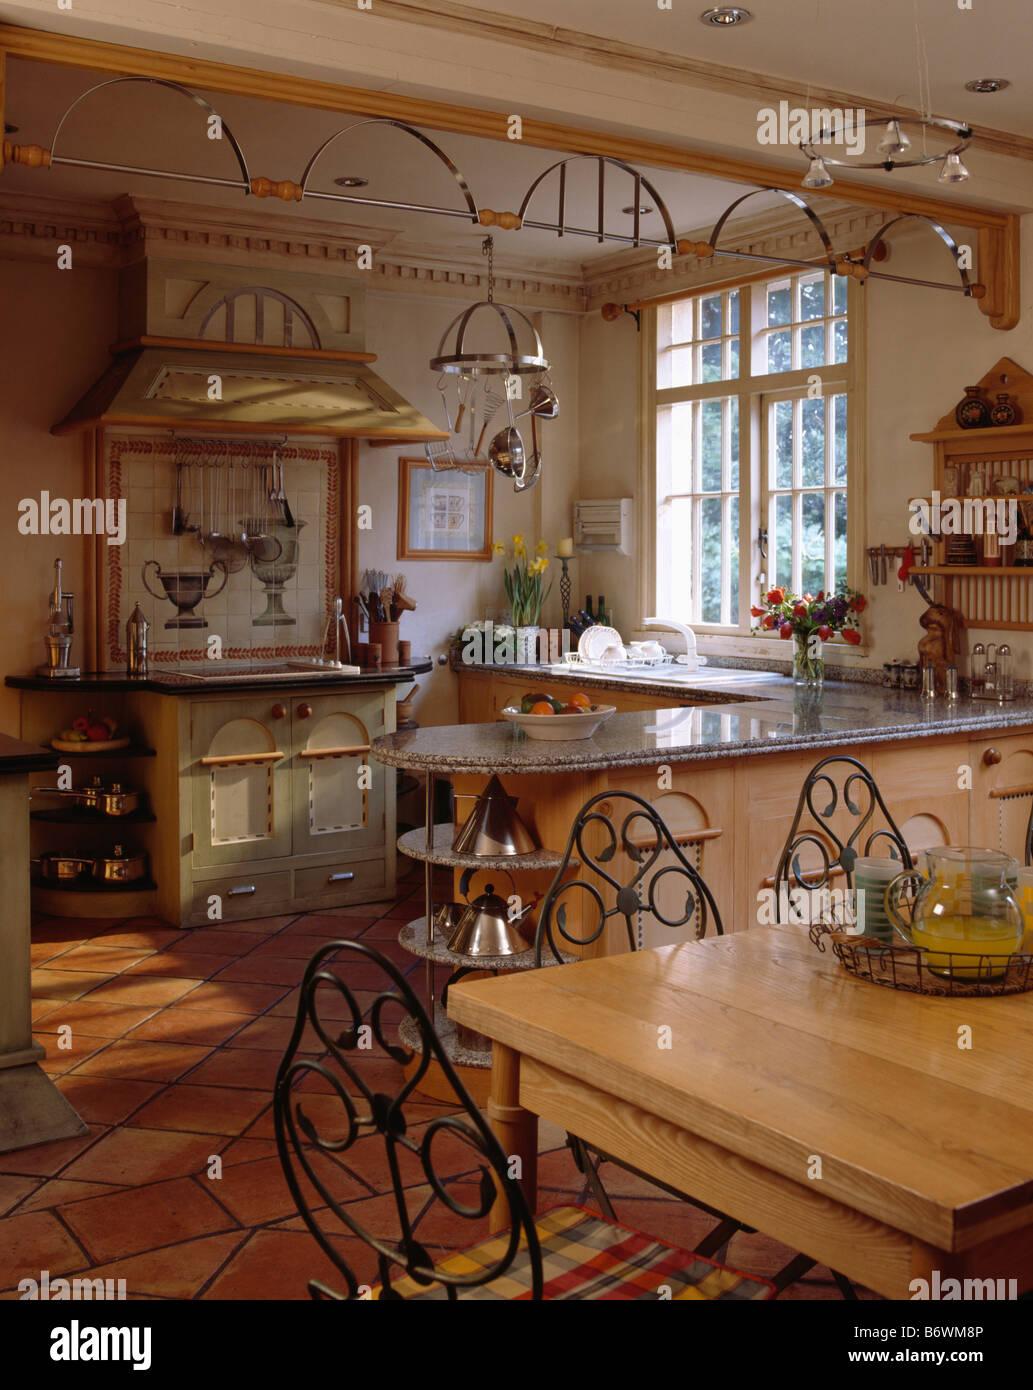 Metall-Stühle und Tisch in große Küche Esszimmer mit dekorativen ...